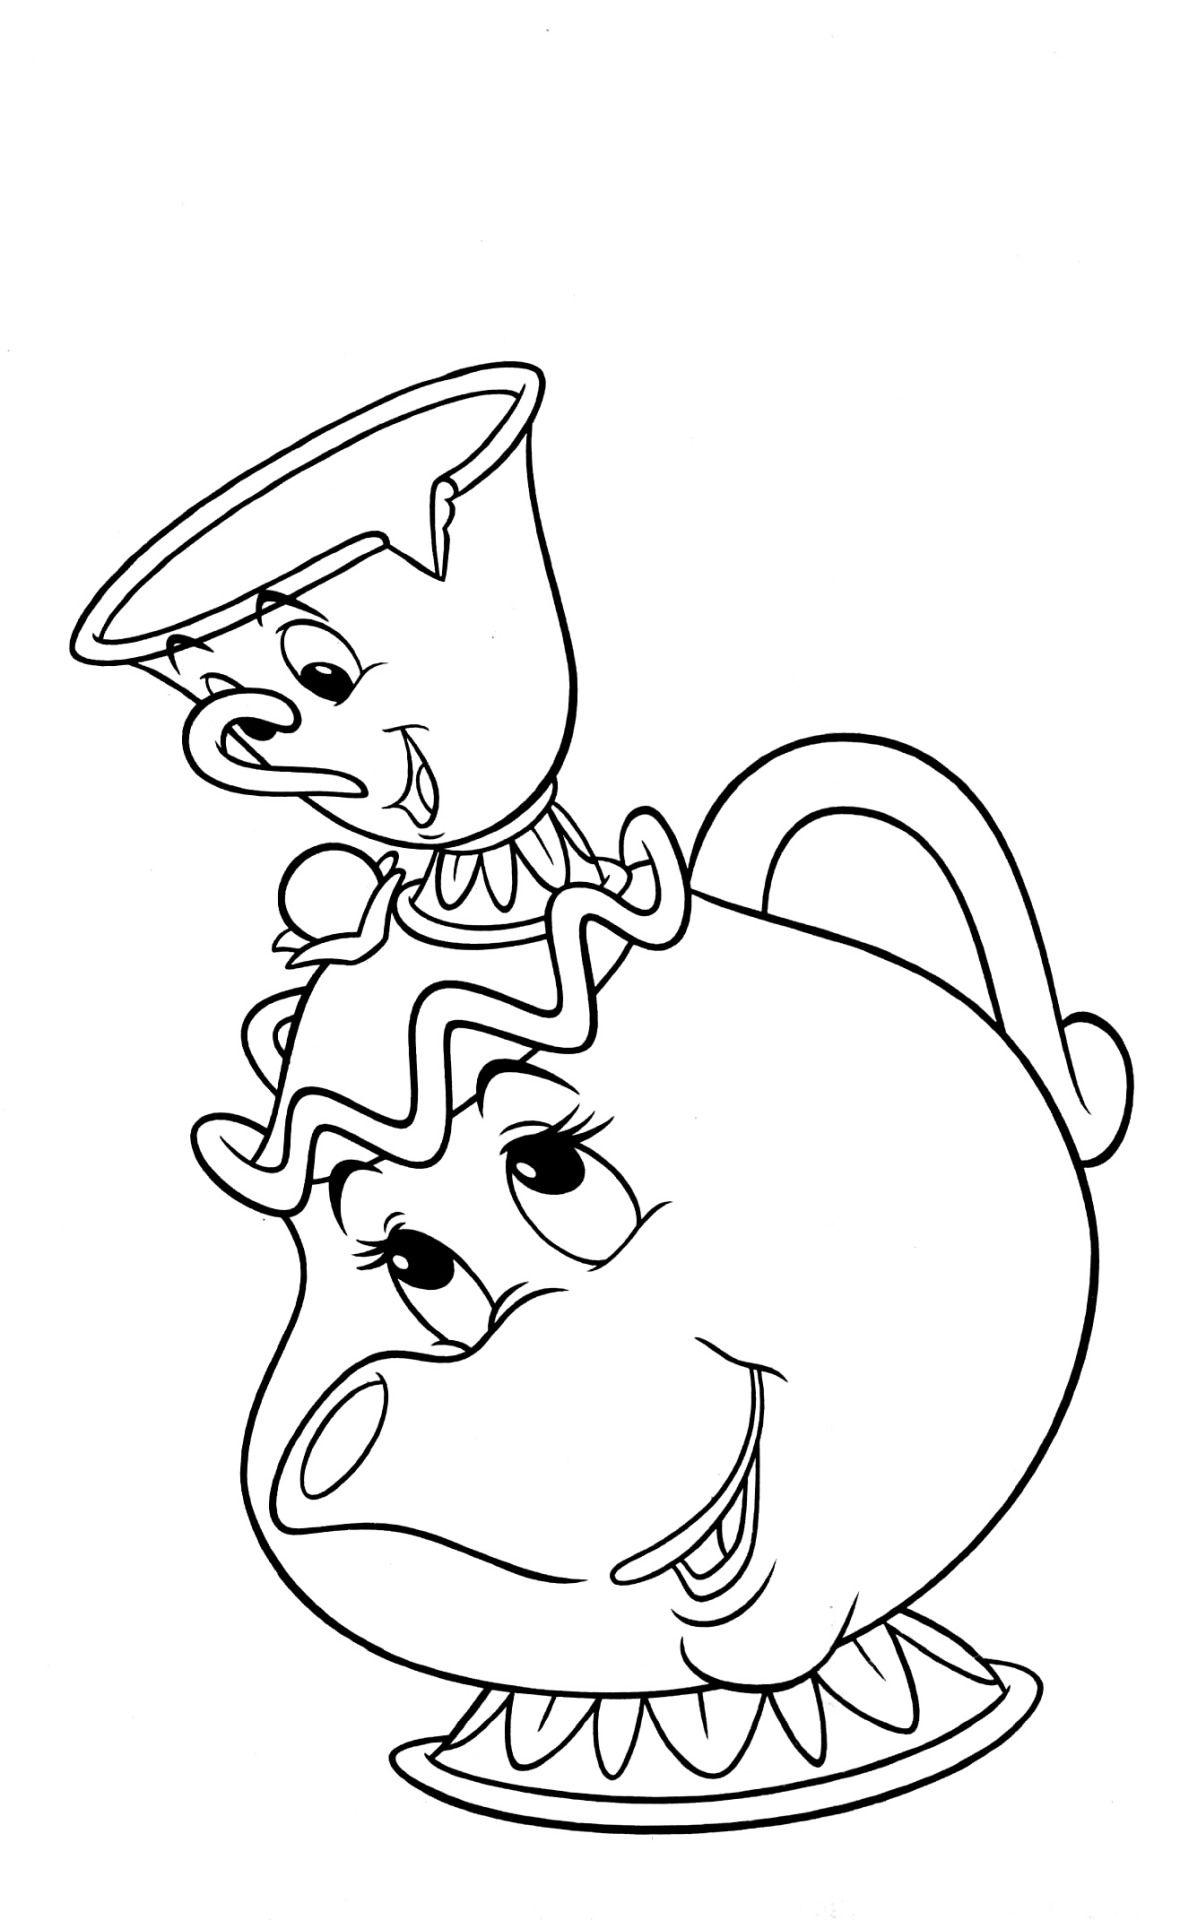 coloriage la belle et la bête | Disney coloring pages ...